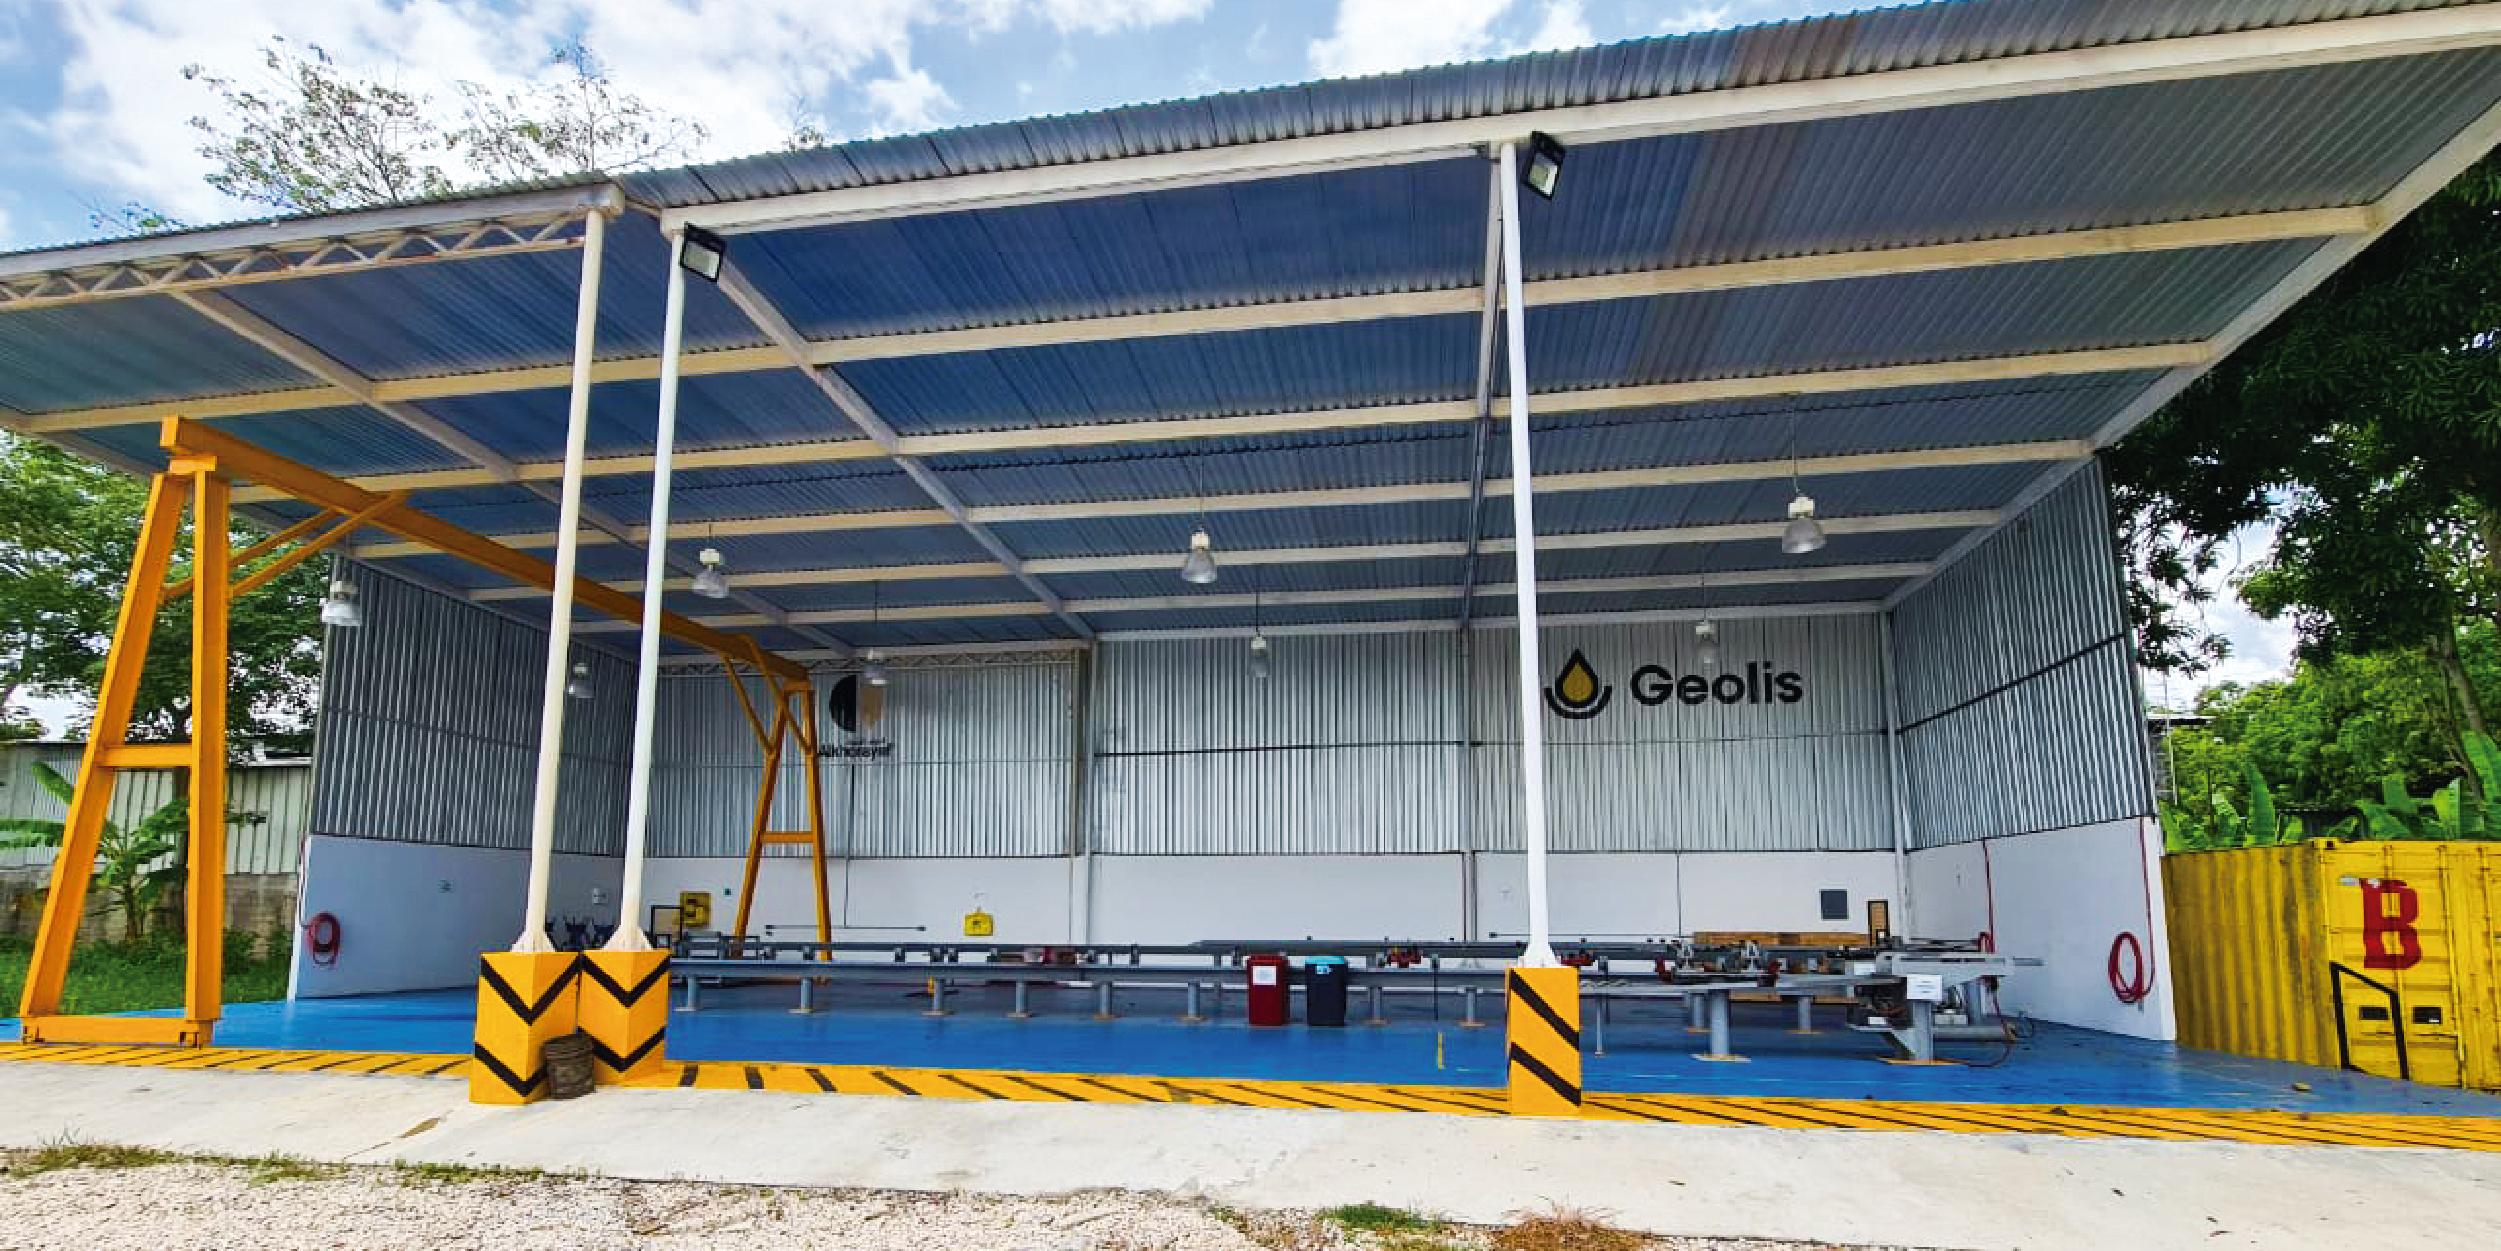 Protocolo de ingreso y estancia en instalaciones de Geolis